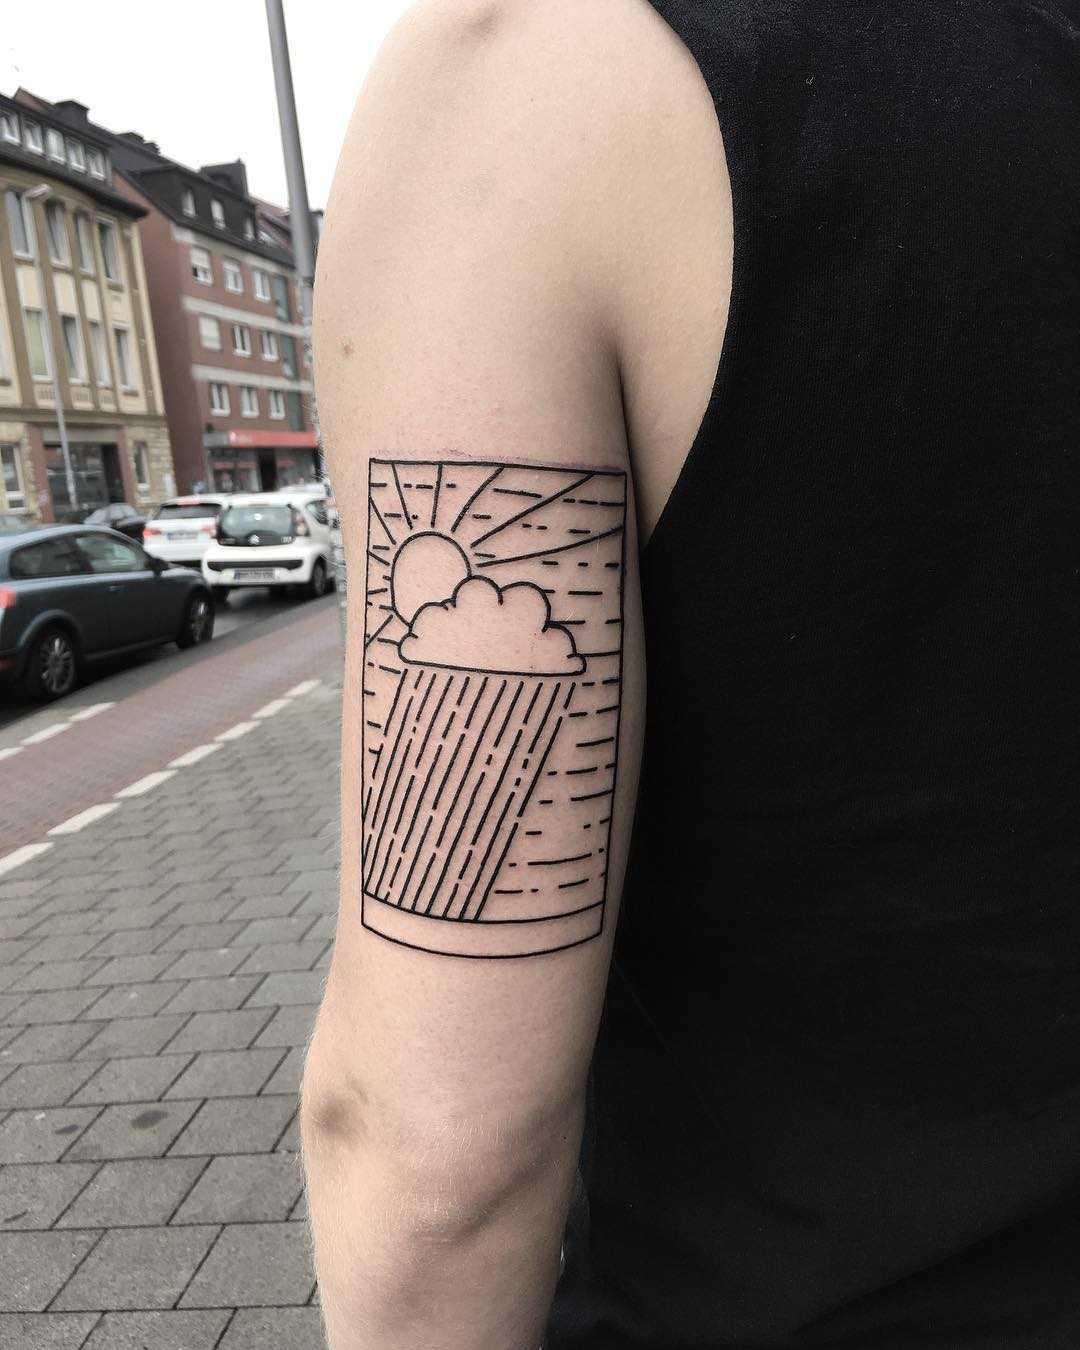 Rainy days by tattooist Spence @zz tattoo